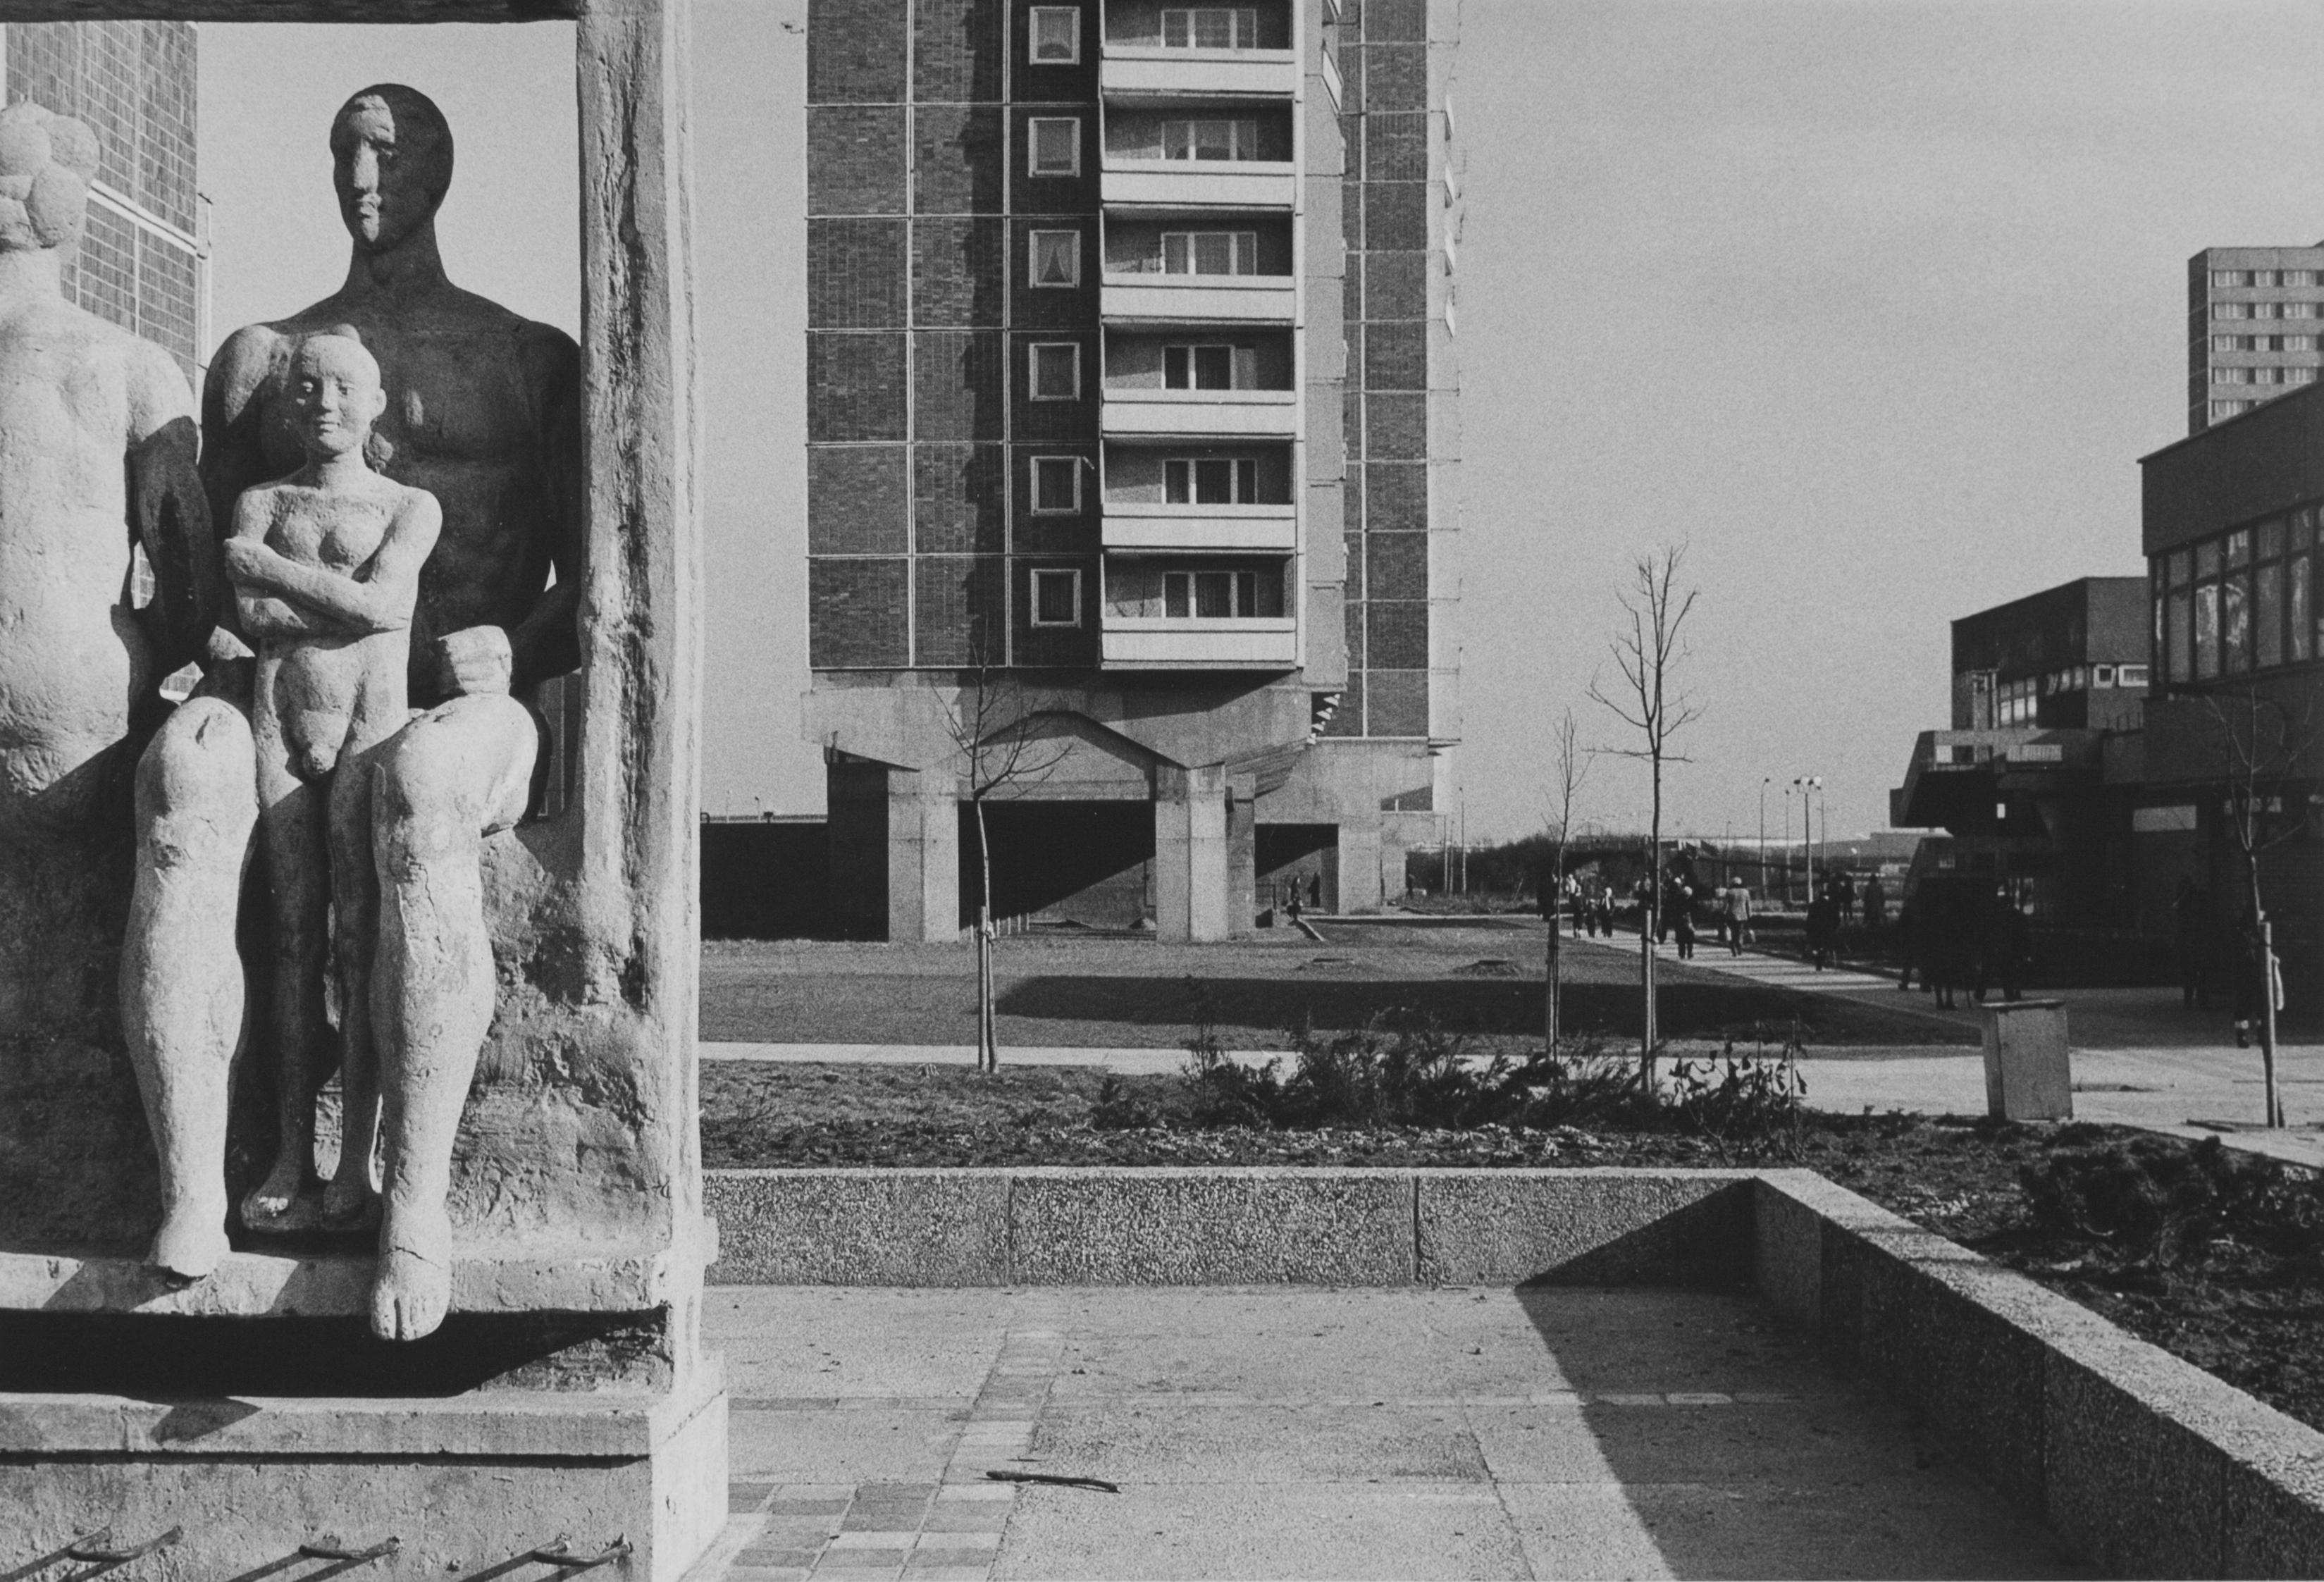 """aus der Serie """"Stadtbilder"""", 1979 - 1983. © Ulrich Wüst"""